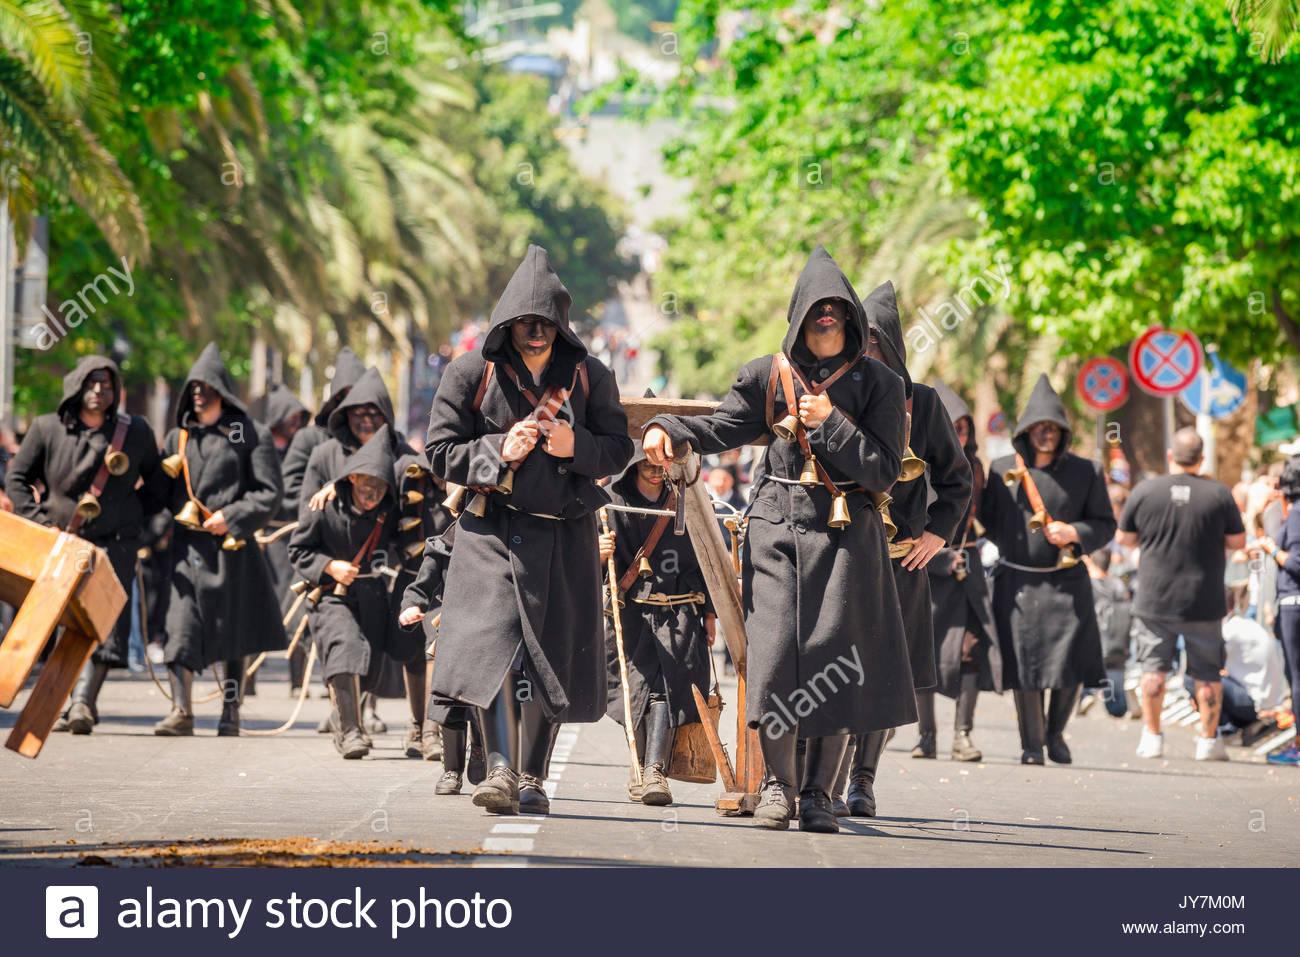 """Sardegna festival, la processione dei Thurpos o """"ciechi"""" durante il grand parade della Cavalcata Sarda festival di Sassari, Sardegna. Immagini Stock"""